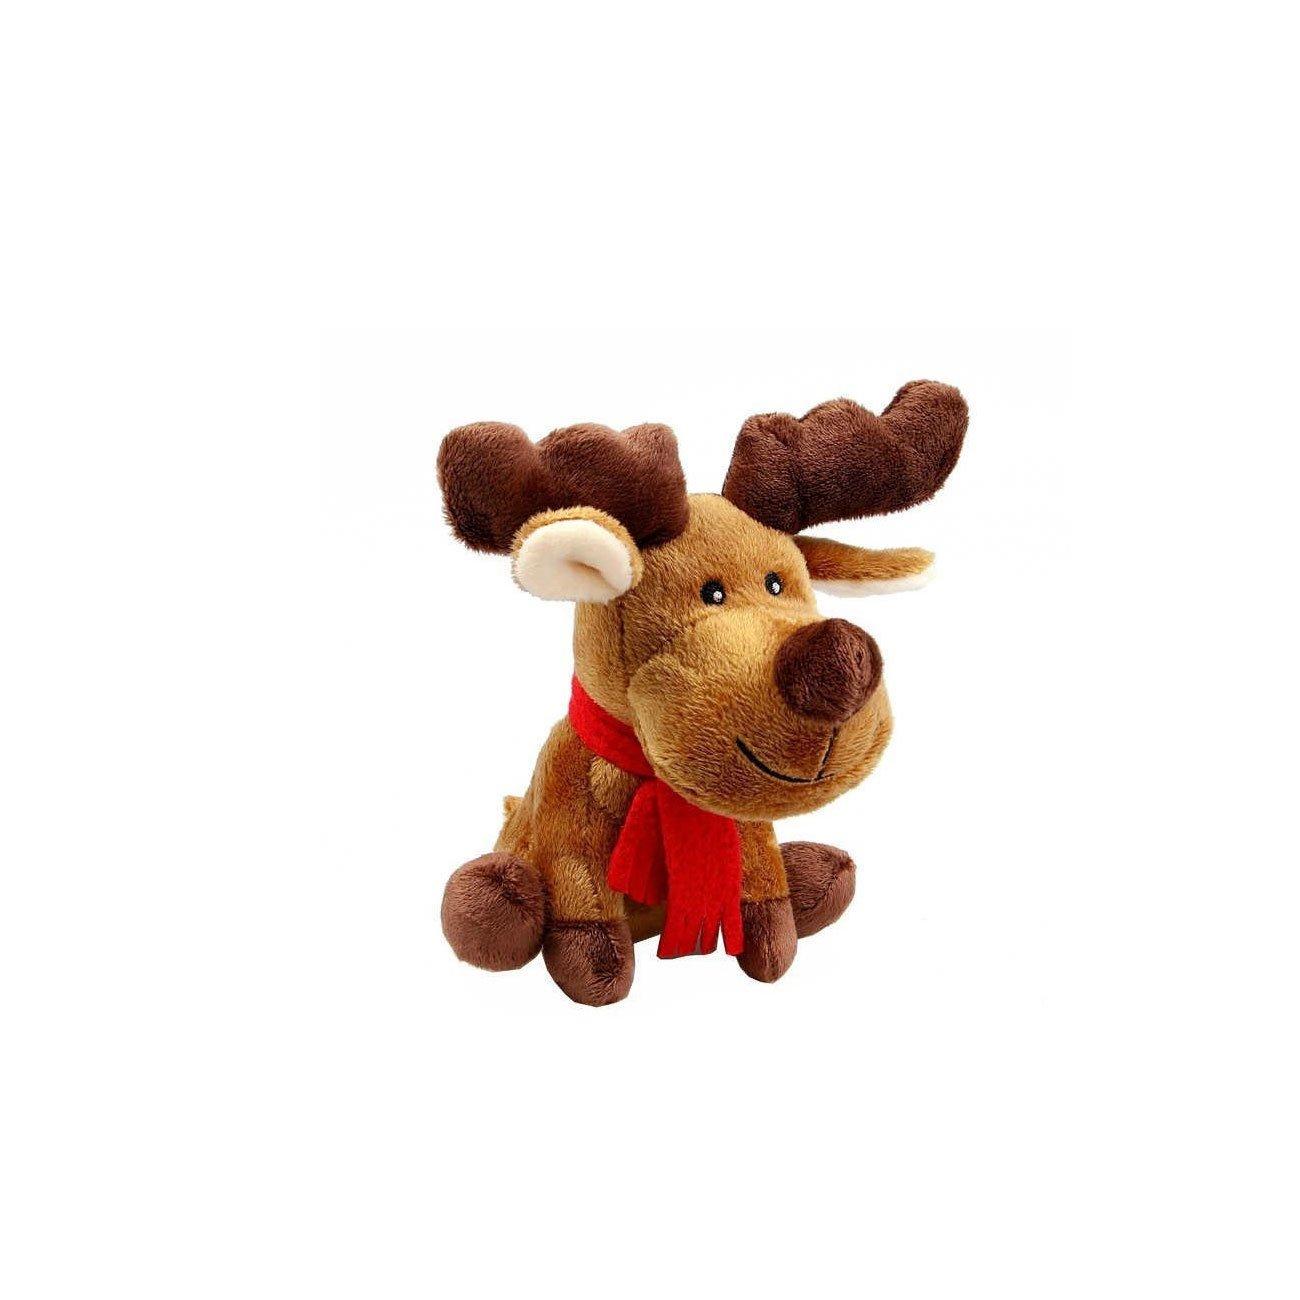 Wolters Elch Rudolph aus Plüsch, Bild 3